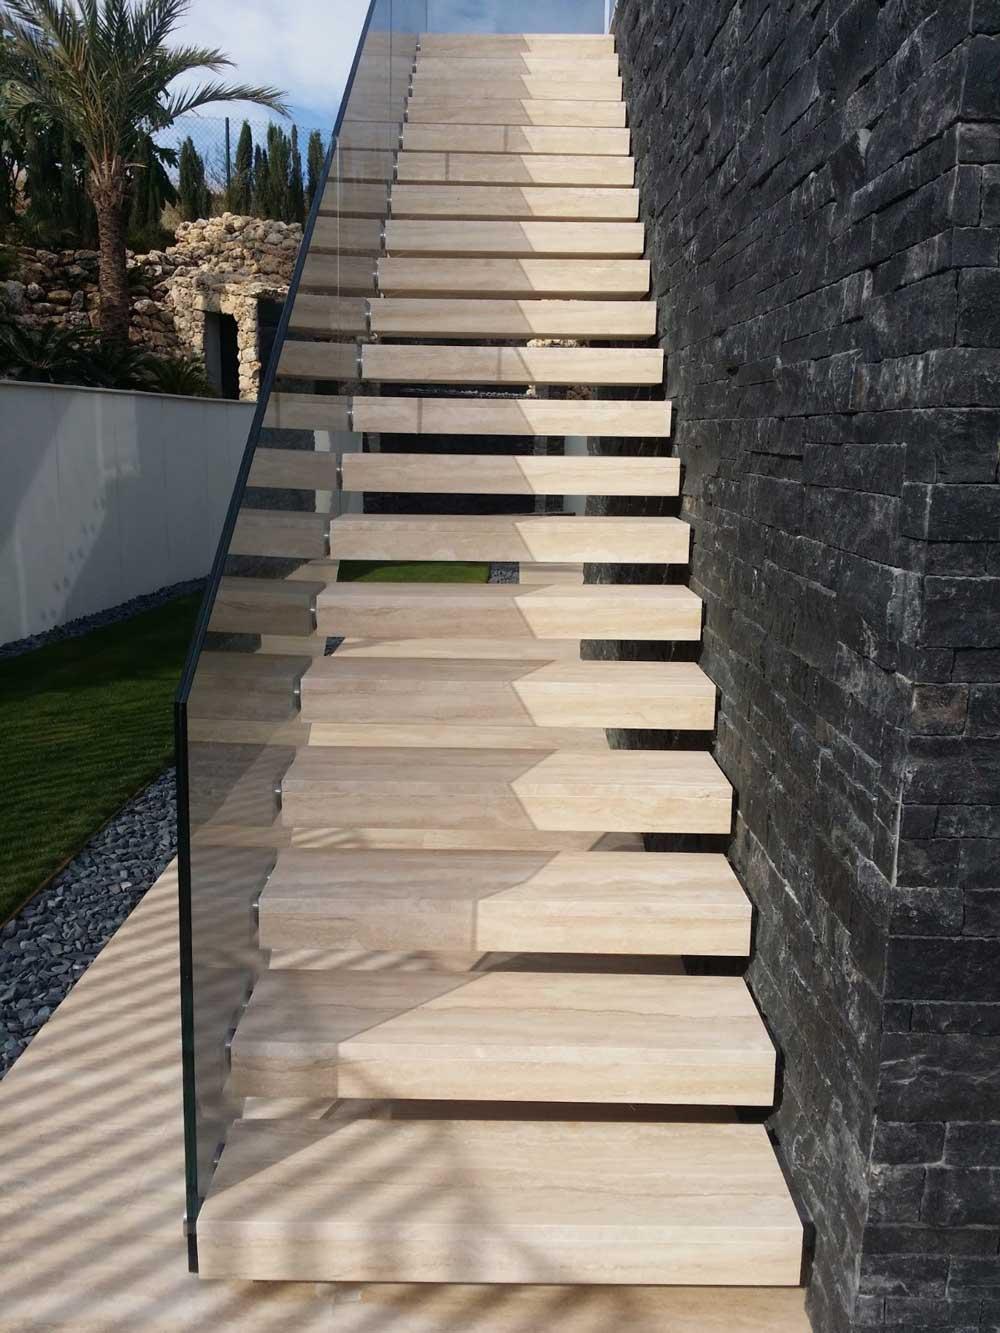 Escaleras de piedra natural en interiores y exteriores for Escalera exterior de piedra